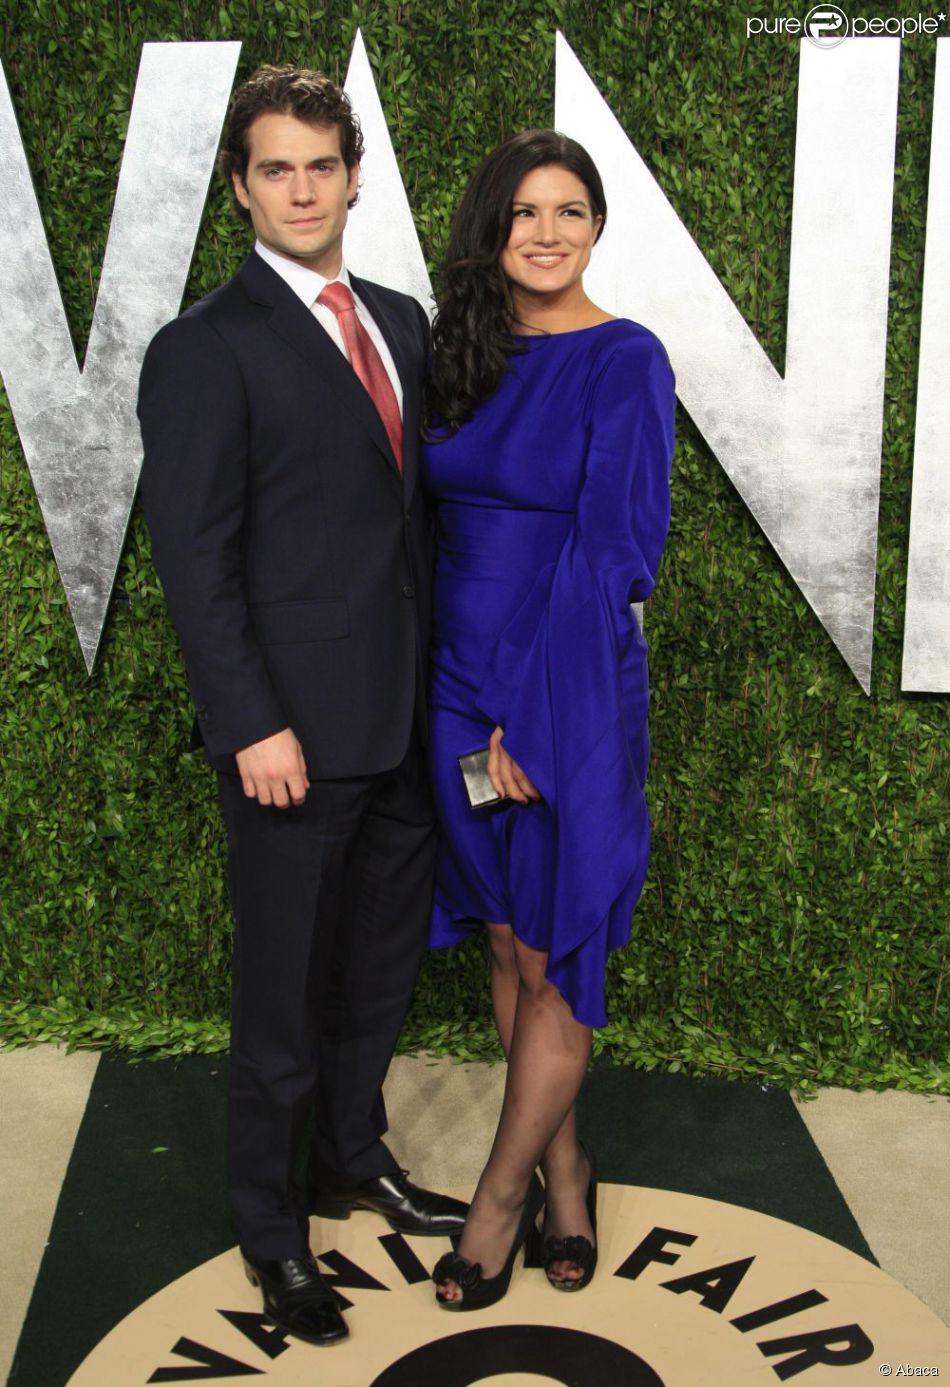 Henry Cavill et Gina Carano lors de la soirée Vanity Fair post Oscars à Los Angeles le 24 février 2013